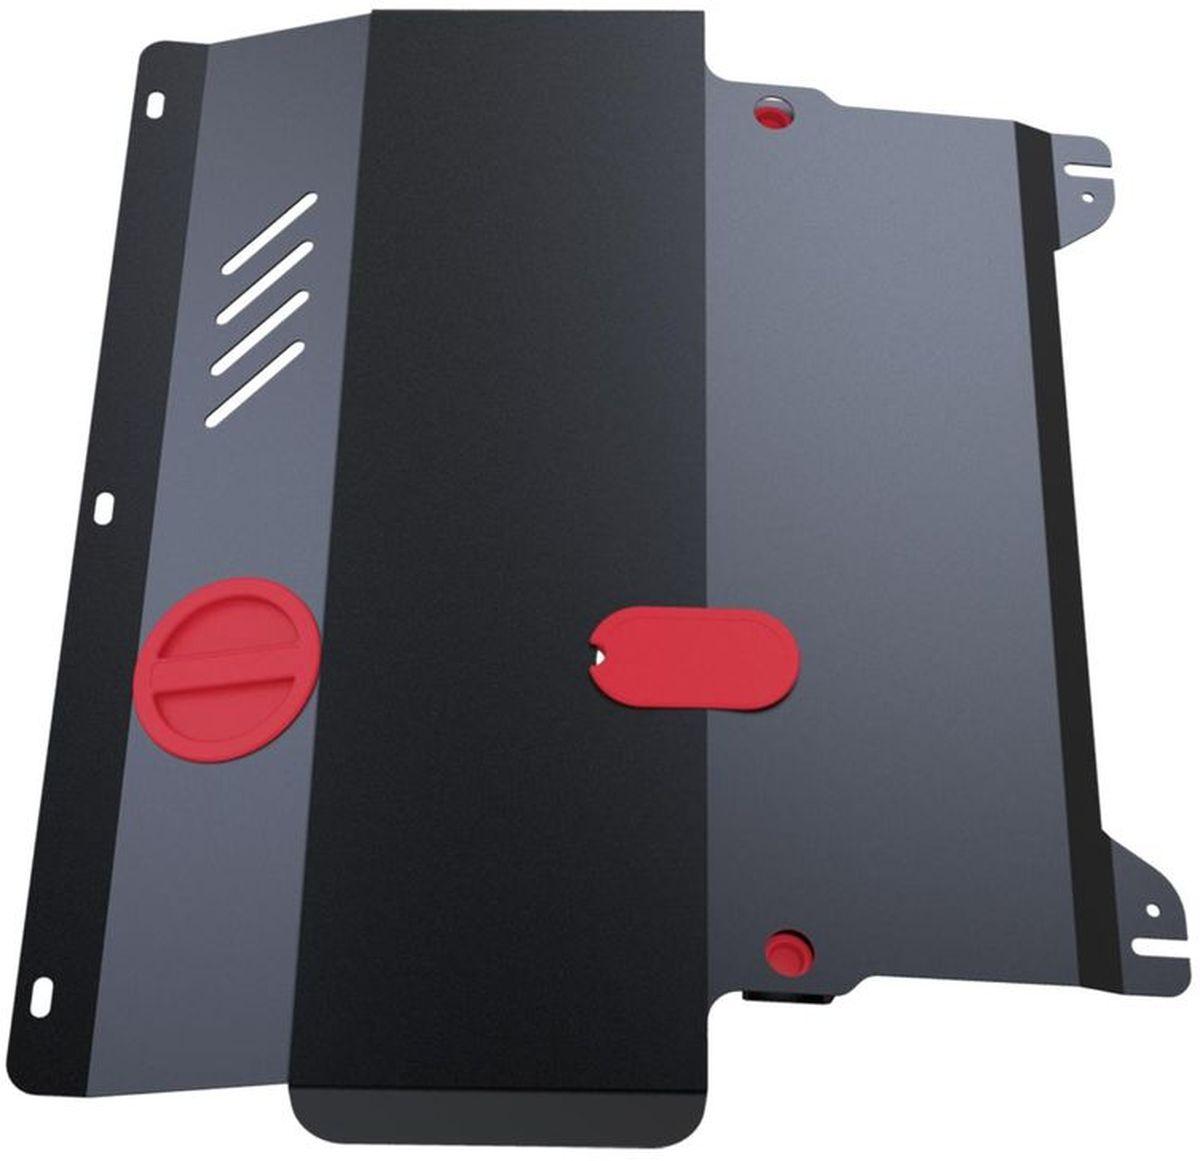 Защита картера Автоброня, для Toyota LC90(1996-1999;1999-2002)/Hilux Surf(1995-1997;1997-2002)1004900000360Технологически совершенный продукт за невысокую стоимость.Защита разработана с учетом особенностей днища автомобиля, что позволяет сохранить дорожный просвет с минимальным изменением.Защита устанавливается в штатные места кузова автомобиля. Глубокий штамп обеспечивает до двух раз больше жесткости в сравнении с обычной защитой той же толщины. Проштампованные ребра жесткости препятствуют деформации защиты при ударах.Тепловой зазор и вентиляционные отверстия обеспечивают сохранение температурного режима двигателя в норме. Скрытый крепеж предотвращает срыв крепежных элементов при наезде на препятствие.Шумопоглощающие резиновые элементы обеспечивают комфортную езду без вибраций и скрежета металла, а съемные лючки для слива масла и замены фильтра - экономию средств и время.Конструкция изделия не влияет на пассивную безопасность автомобиля (при ударе защита не воздействует на деформационные зоны кузова). Со штатным крепежом. В комплекте инструкция по установке.Толщина стали: 2 мм.Уважаемые клиенты!Обращаем ваше внимание, что элемент защиты имеет форму, соответствующую модели данного автомобиля. Фото служит для визуального восприятия товара и может отличаться от фактического.